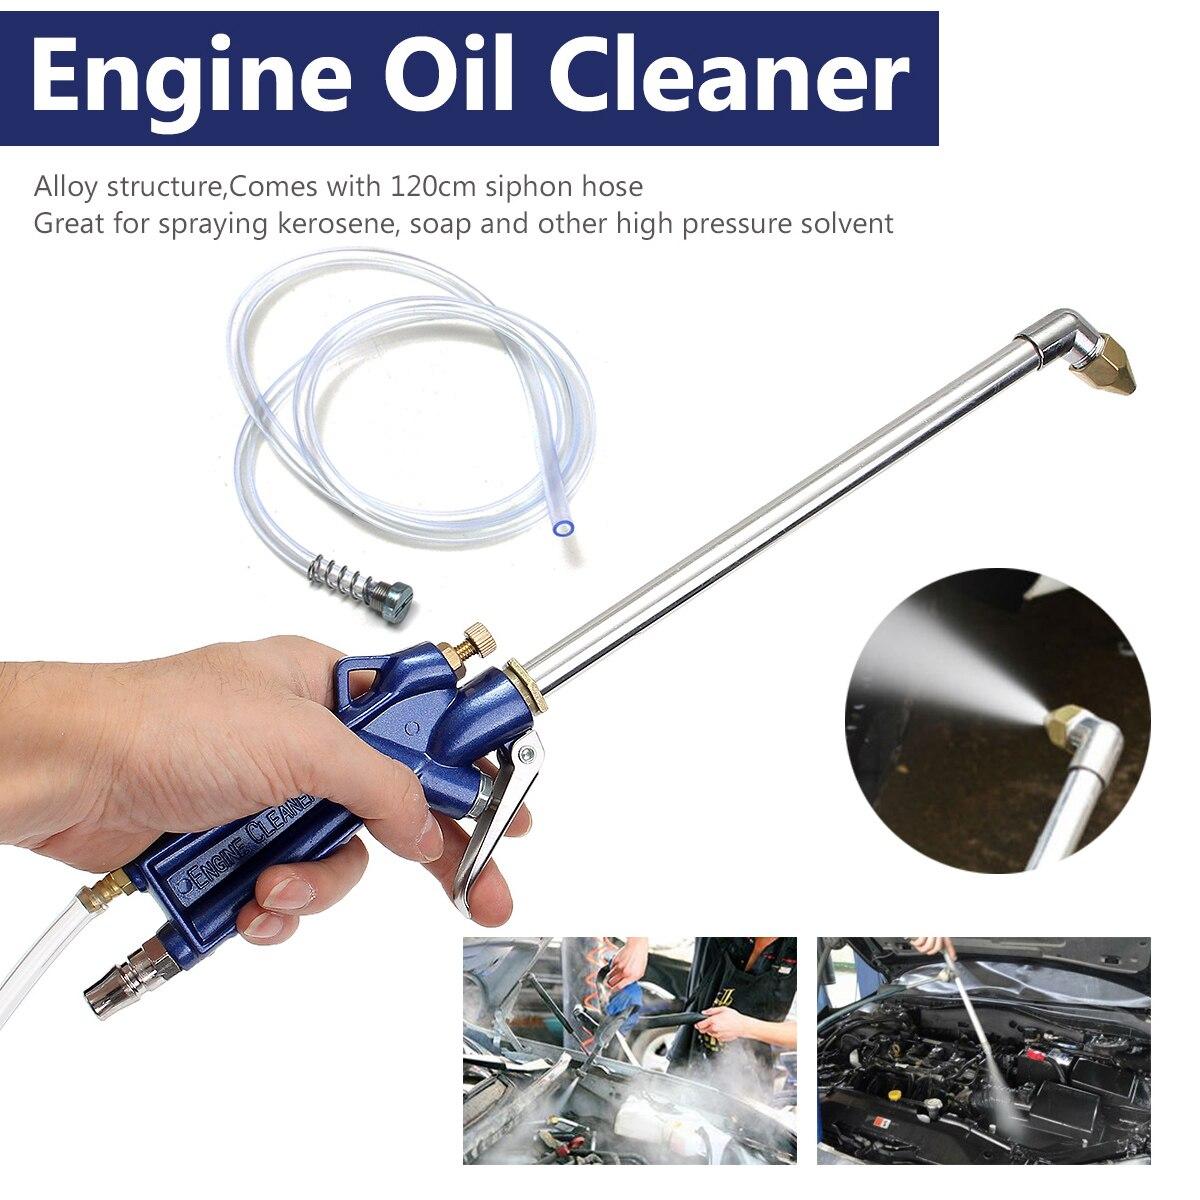 Neue 400mm Motor Öl Reiniger Werkzeug Auto Auto Wasser Reinigung Pistole Pneumatische Werkzeug mit 120 cm Schlauch Maschinen Teile legierung Motor Pflege